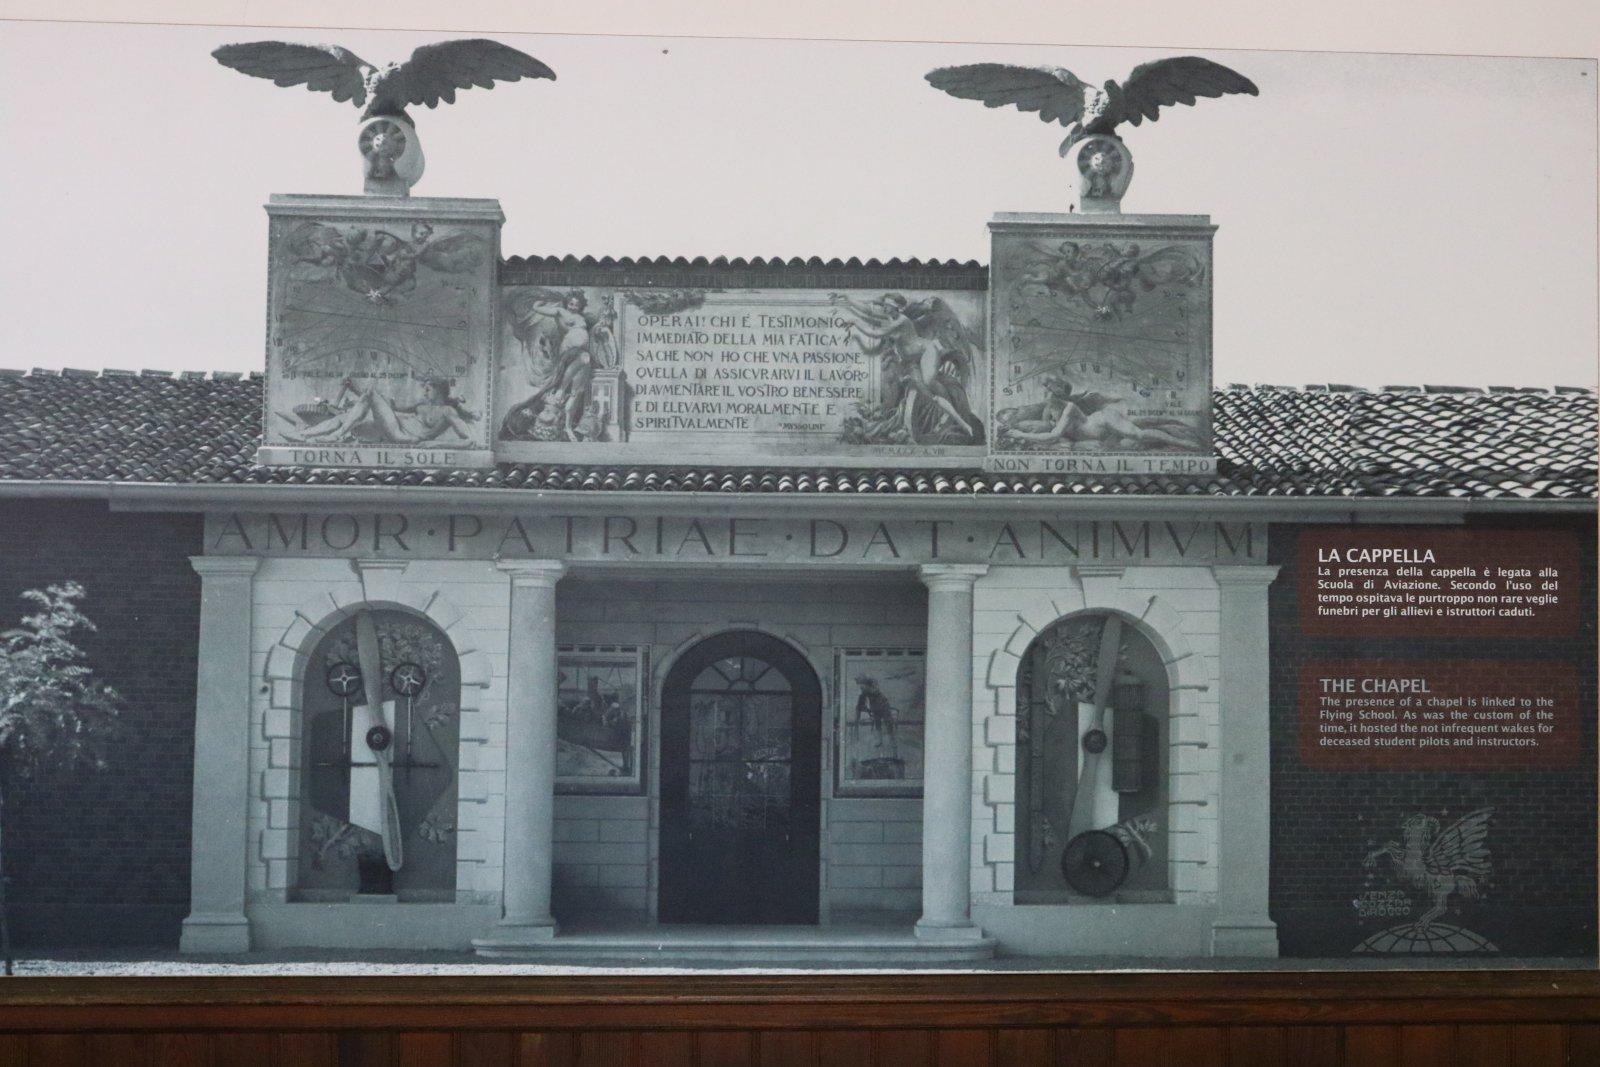 Tehtaalla oli myös kappeli, kun kadetteja ja lennonopettajia jouduttiin hautaamaan aika tiheään